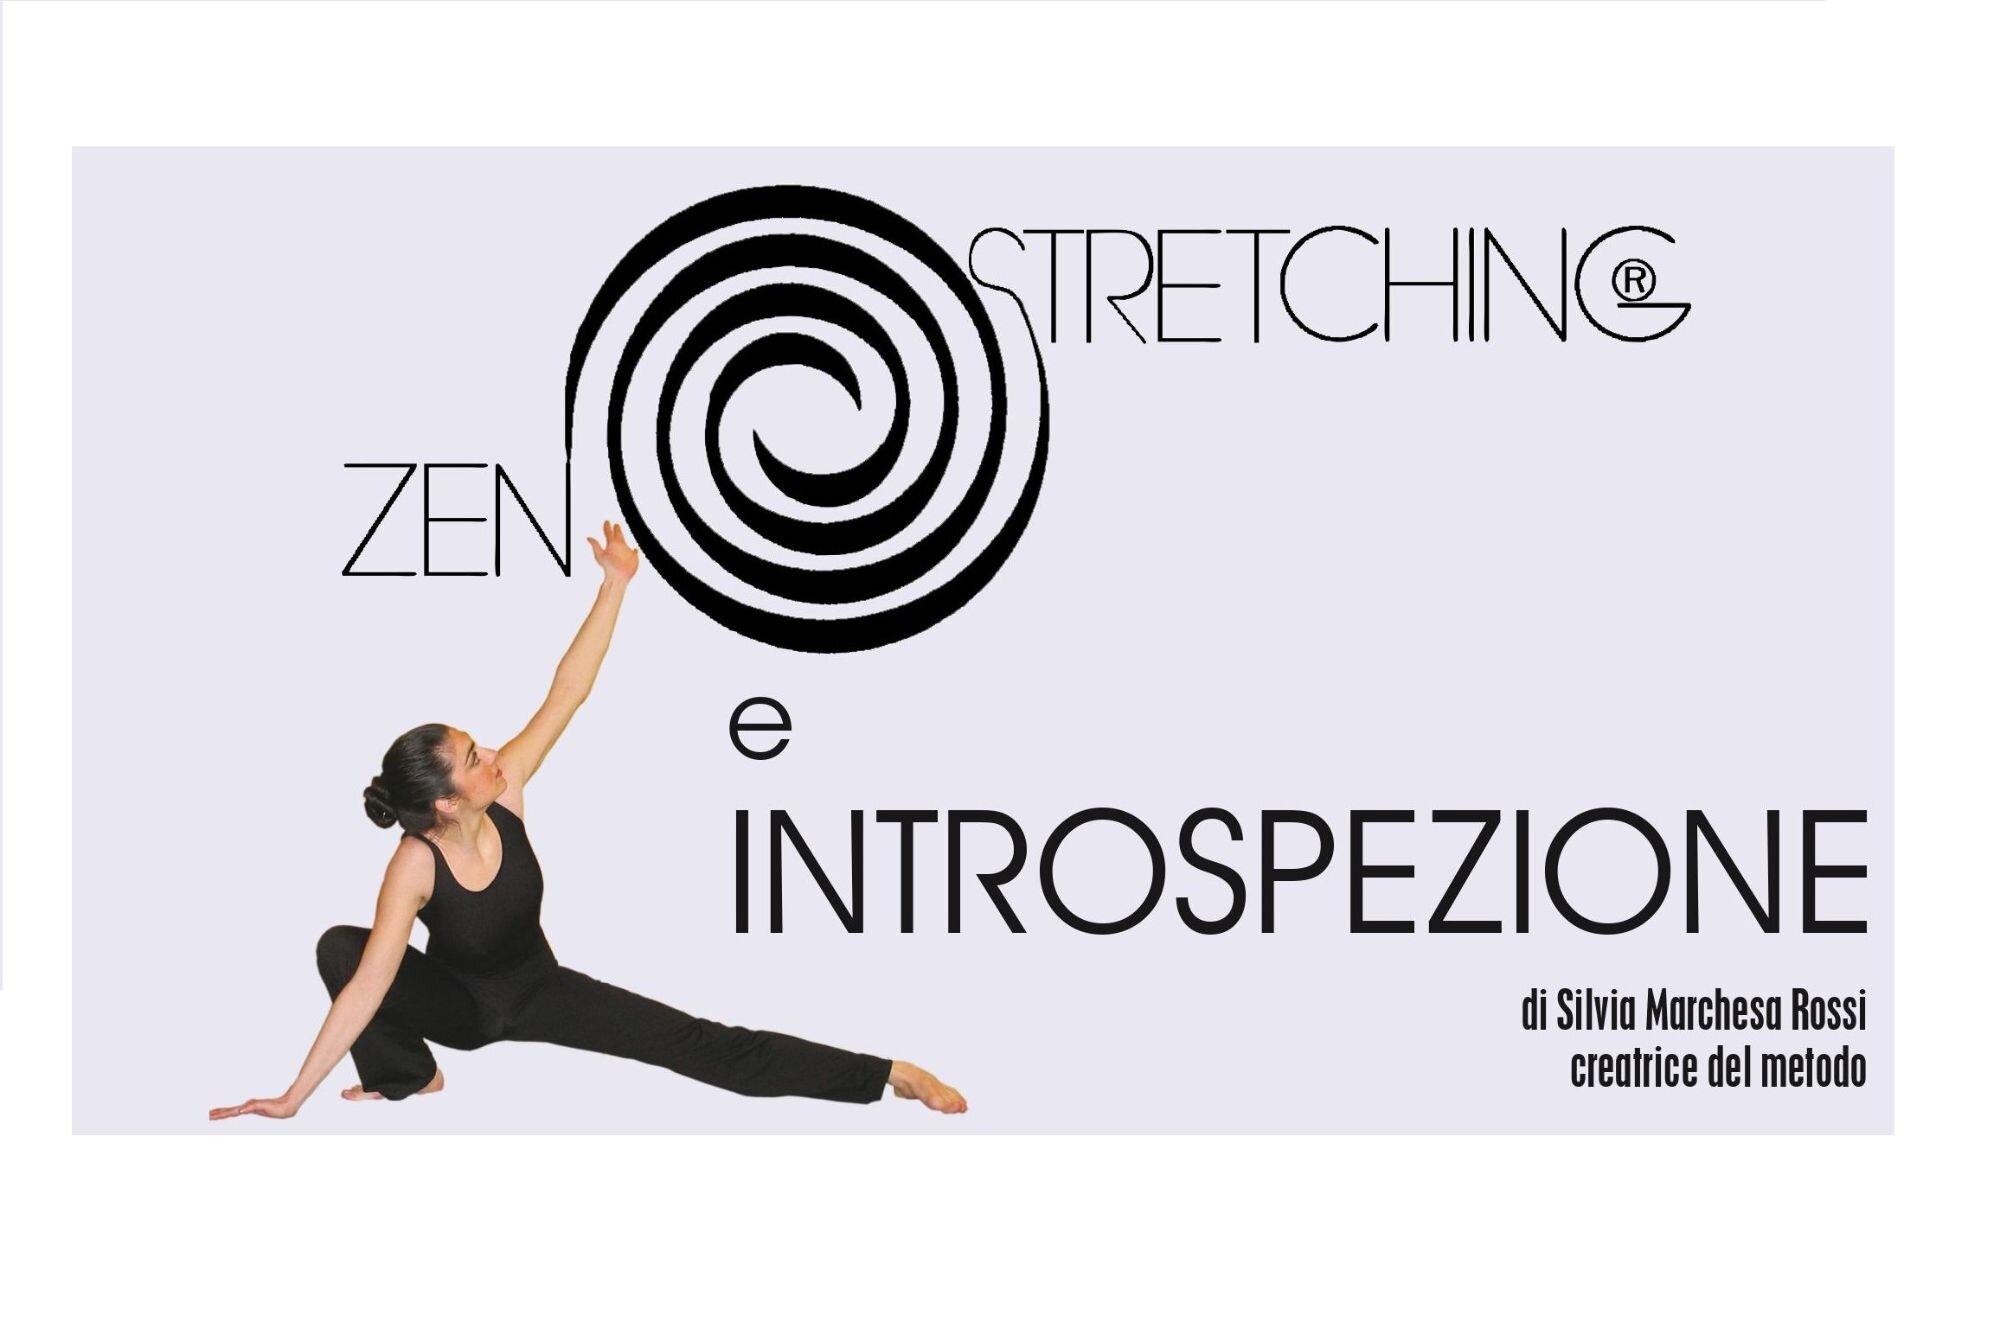 Zen Stretching e Introspezione di Silvia Marchesi